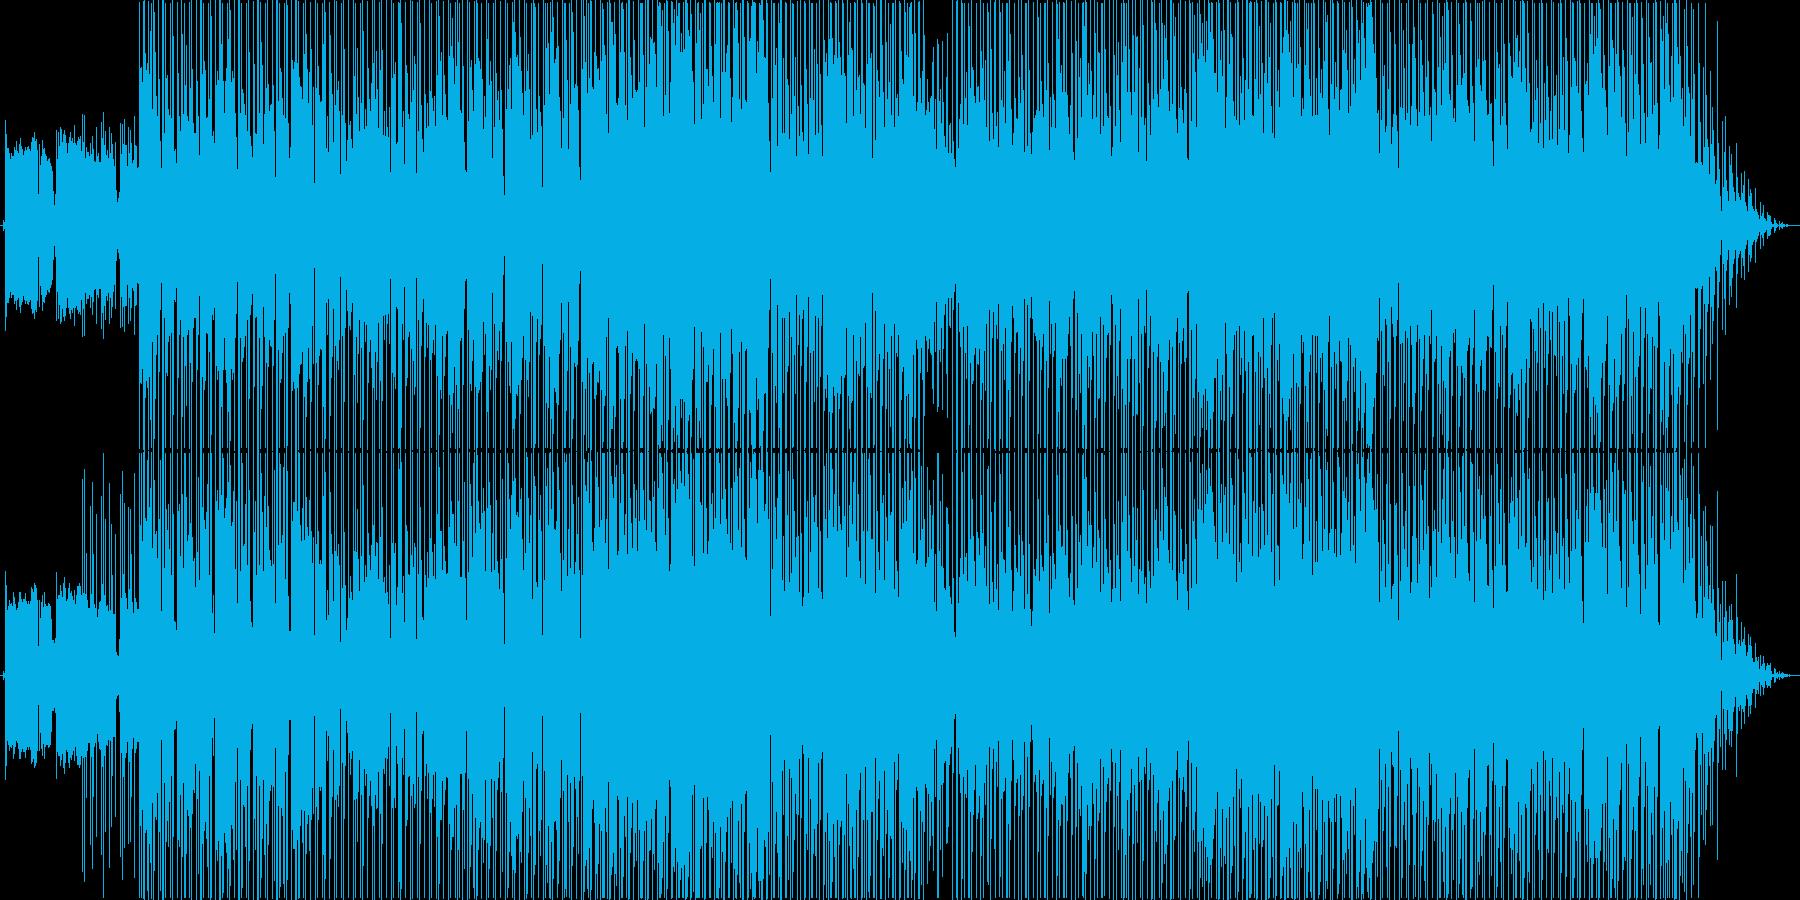 ハレルヤの再生済みの波形